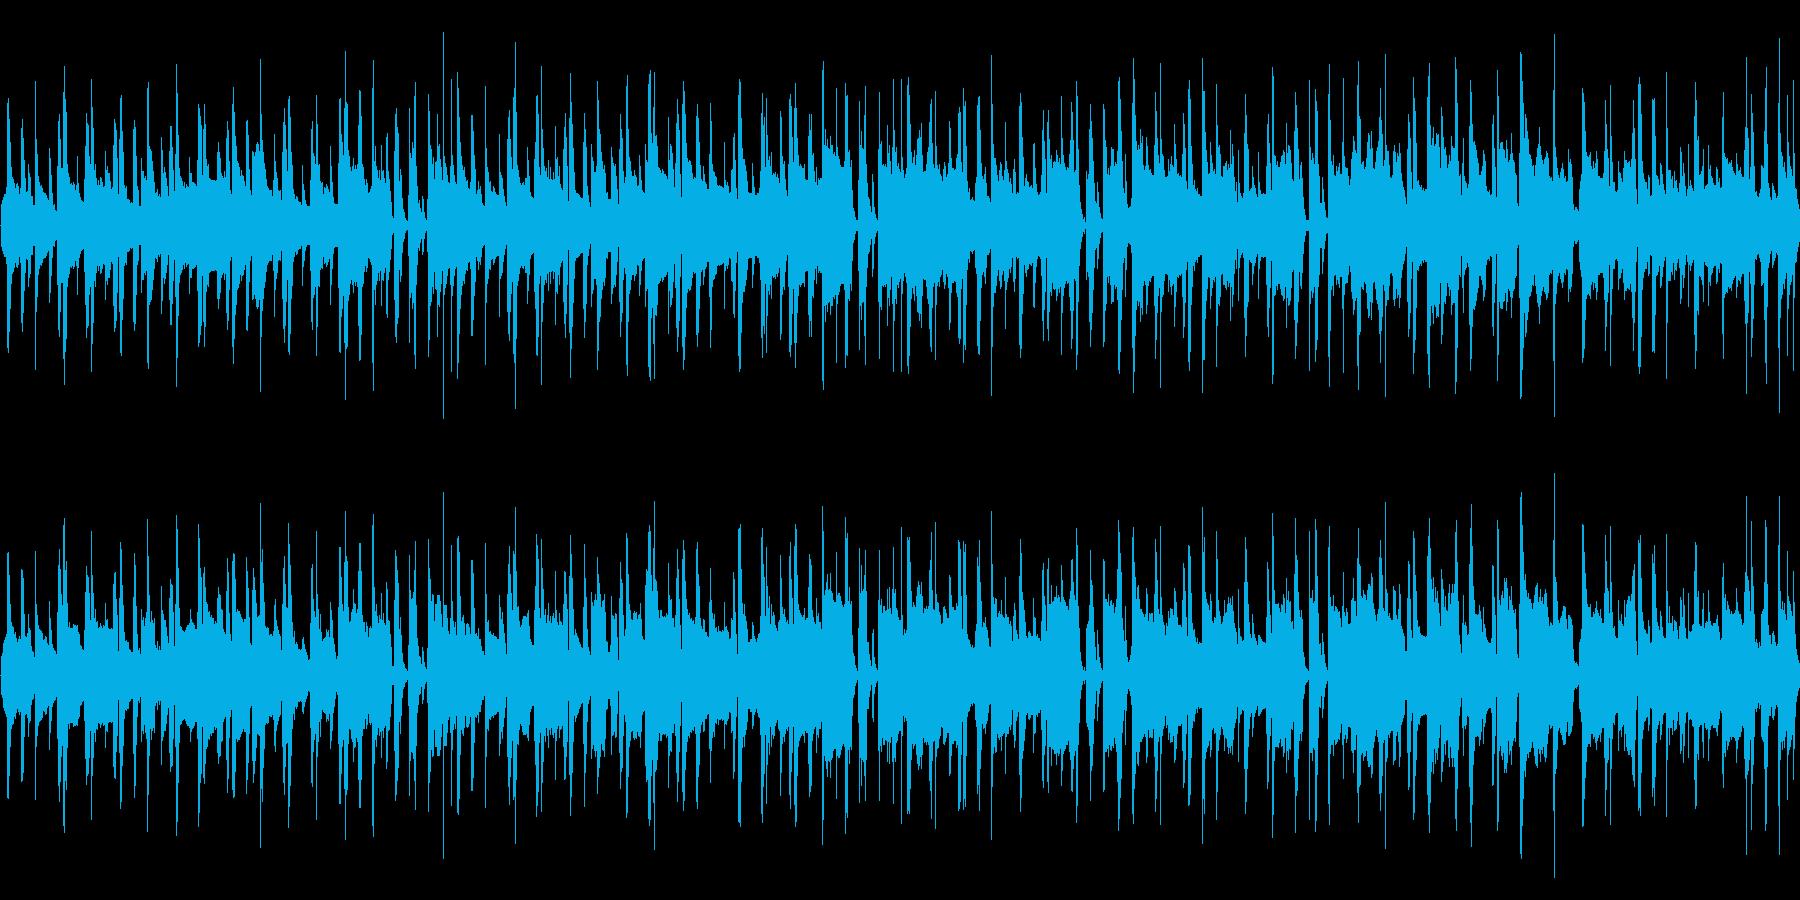 のんびり昼寝する素朴な曲の再生済みの波形